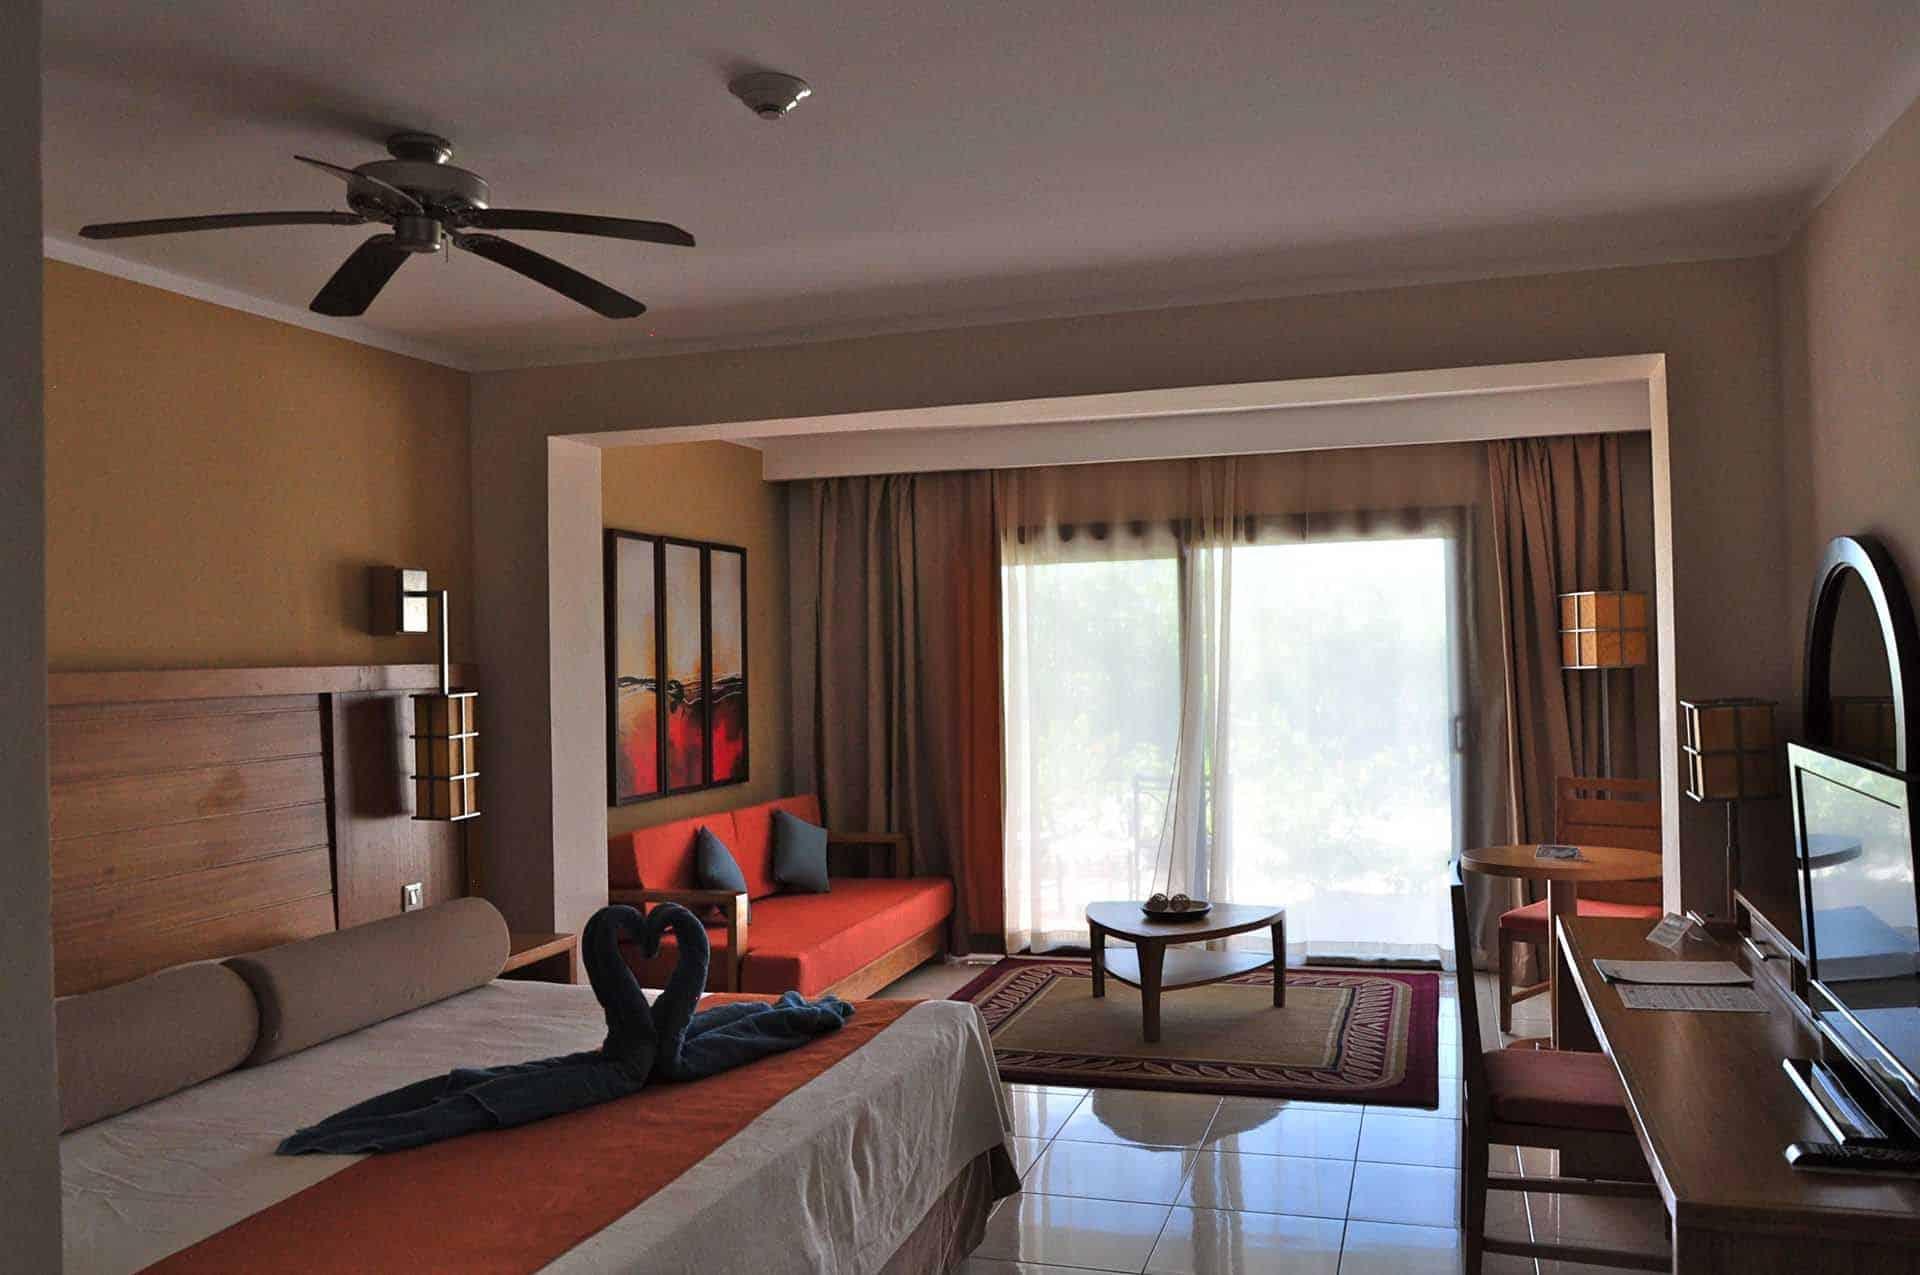 H2393 Hotel Royalton CSM 01 cuba autrement